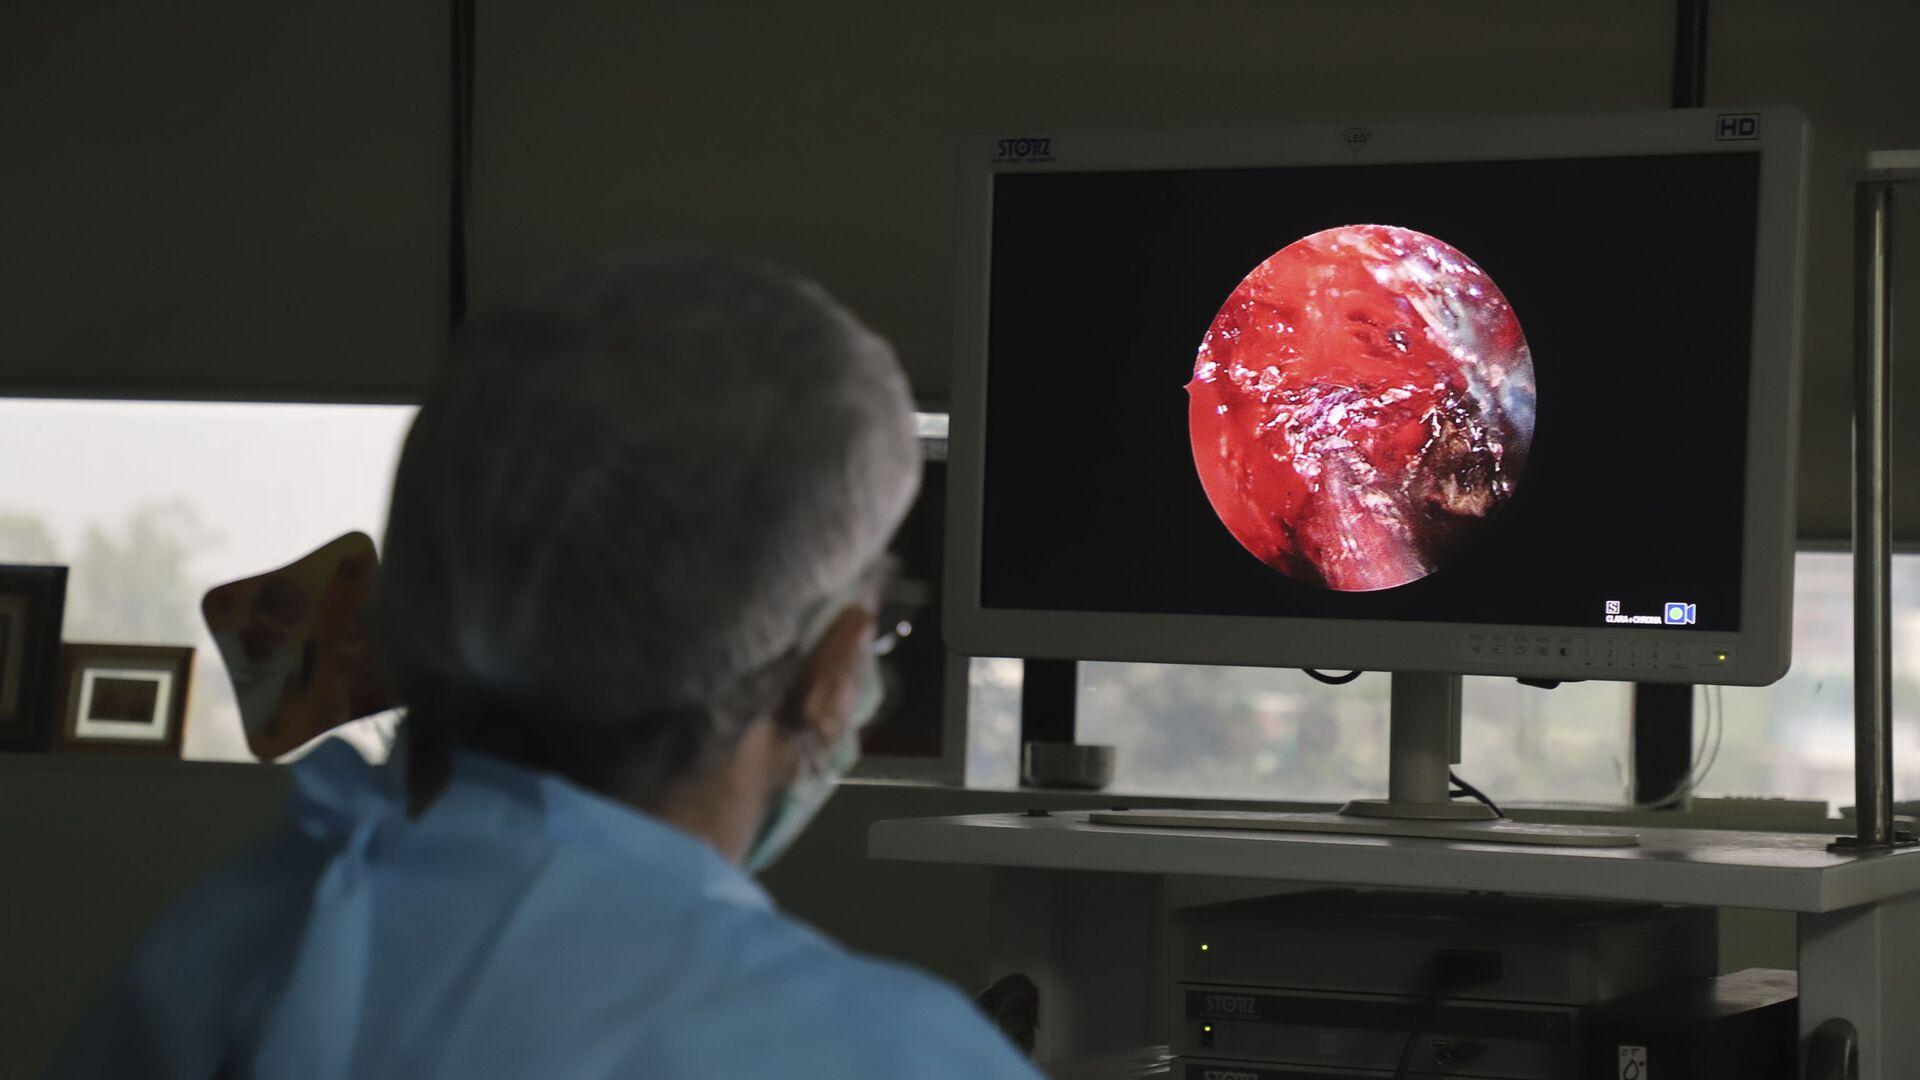 Indický lékař provádí pokročilou funkční endoskopickou operaci nosních dutin u osoby trpící muckormykózou v nemocnici na okraji Nového Dillí v Indii - Sputnik Česká republika, 1920, 01.07.2021